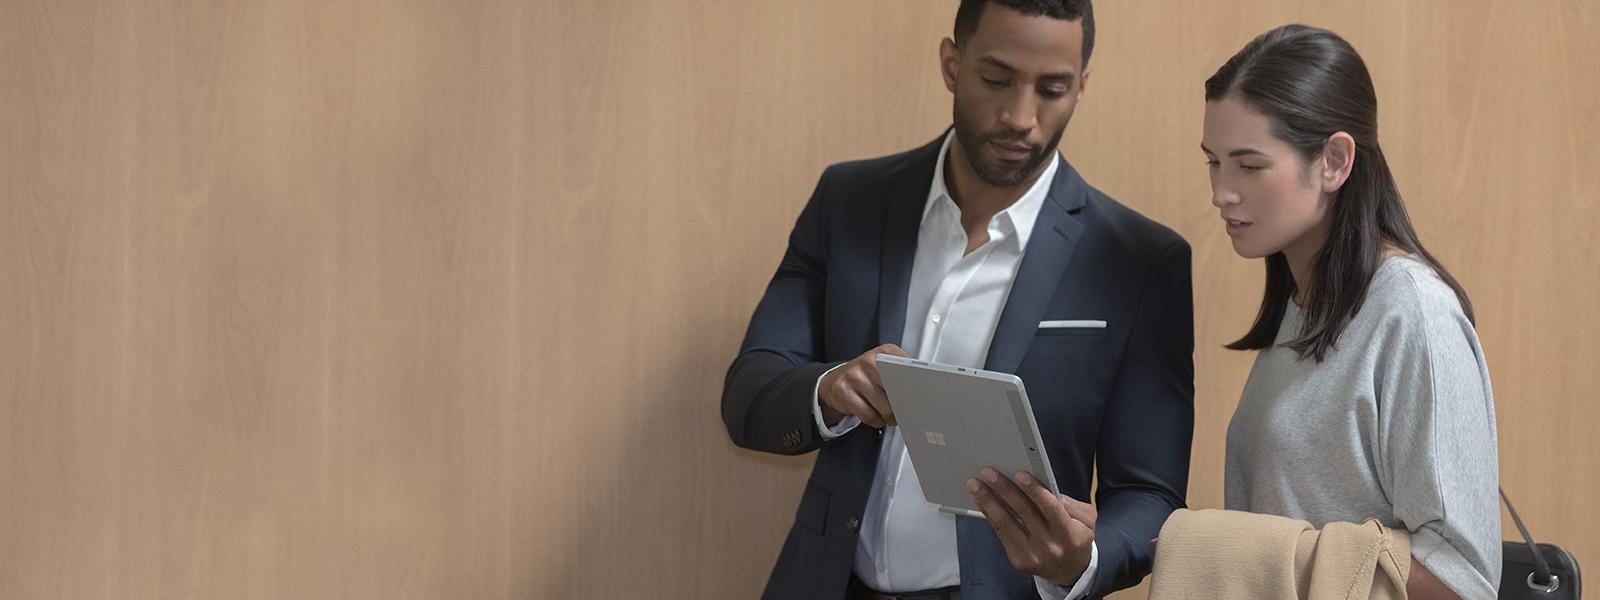 Un uomo e una donna d'affari guardano un Surface Go in corridoio